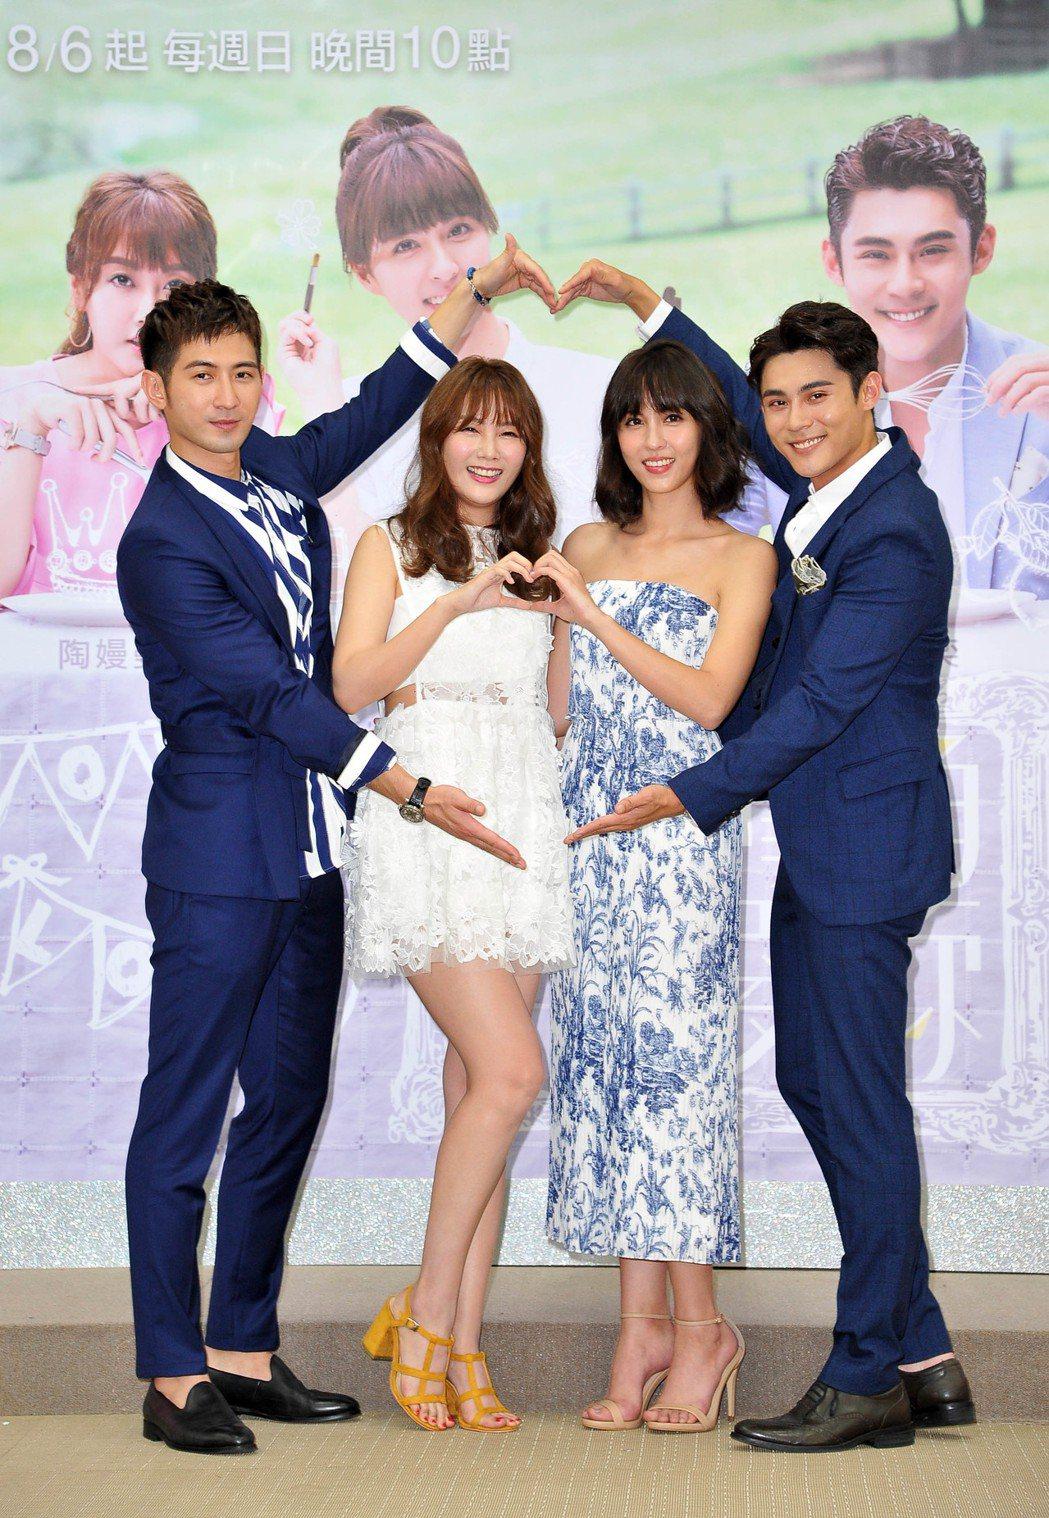 簡宏霖(左起)、陶嫚曼、魏蔓、陳奕出席「噗通噗通我愛你」首映。圖/台視提供